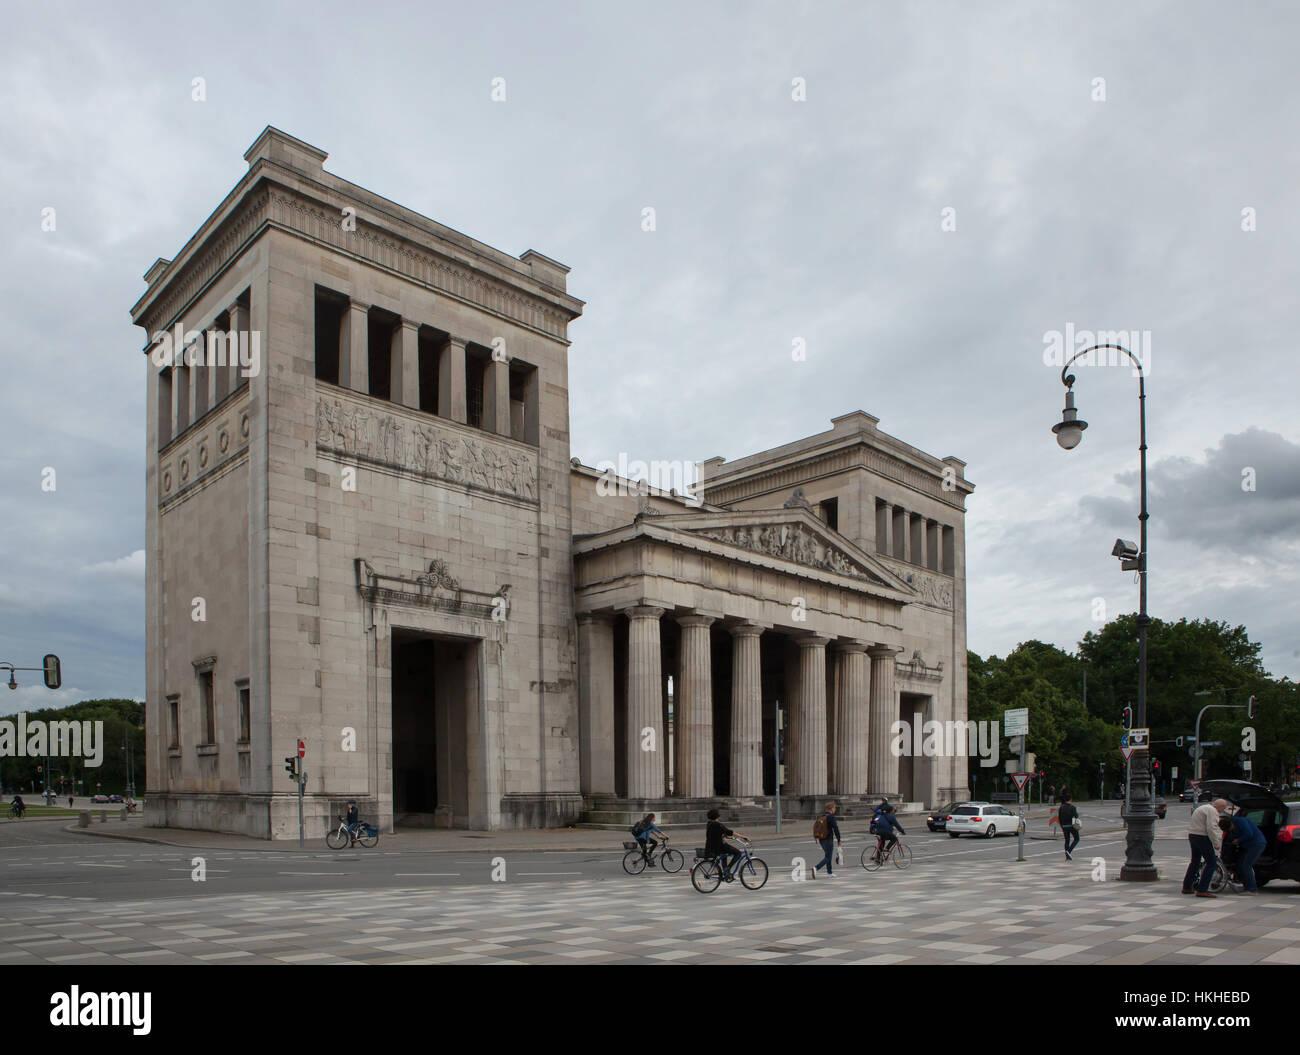 Propylaea designed by German architect Leo von Klenze (1862) in Konigsplatz in Munich, Bavaria, Germany. - Stock Image